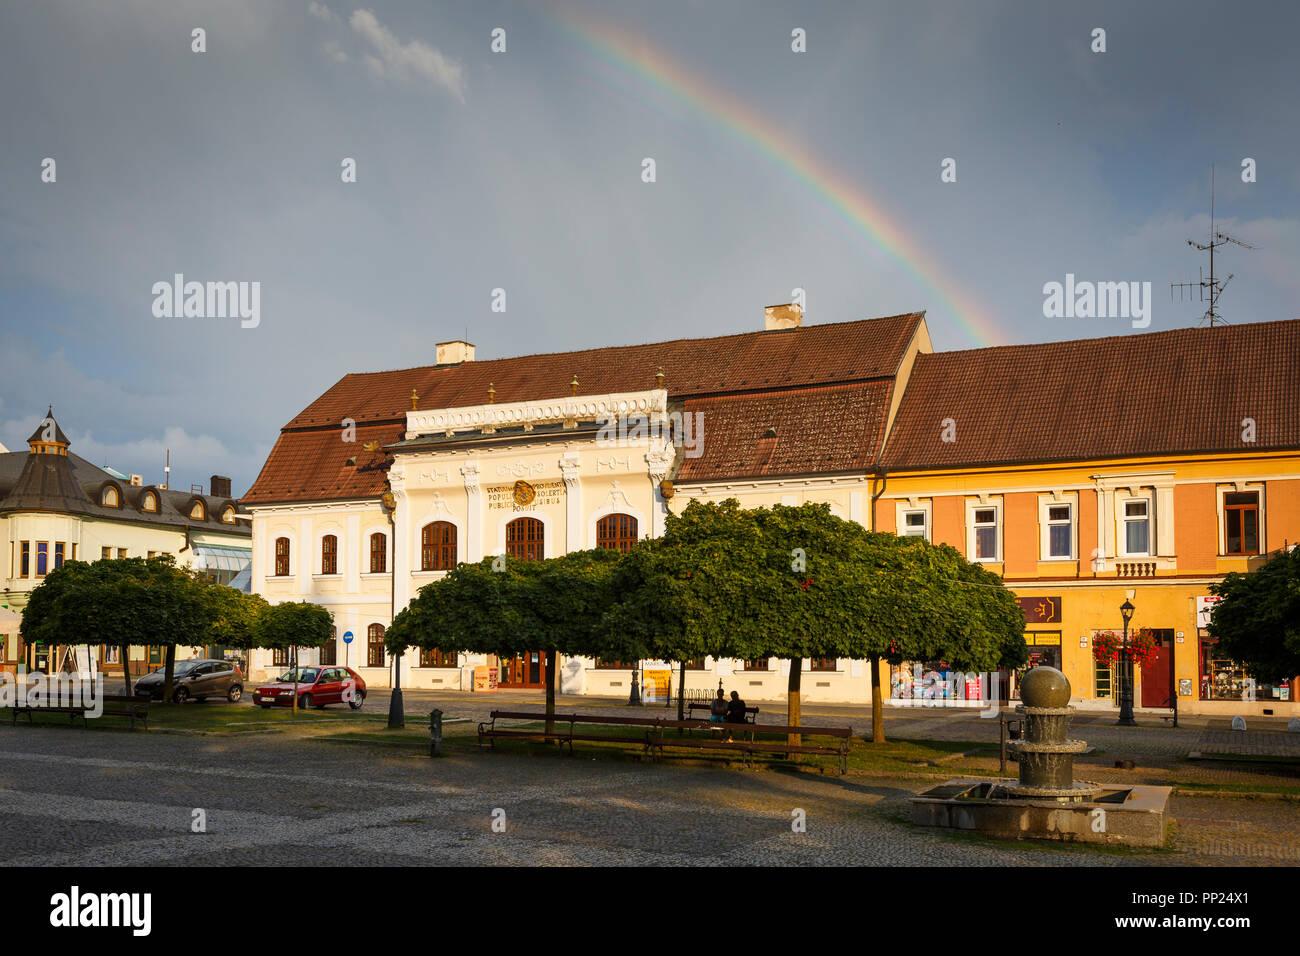 L'Europe, slovaque, Slovaquie, Rimavska Sobota, historique, tourisme, Voyage, carré, rue, maison de ville, ville, cobble stone, rainbow, stormy Photo Stock